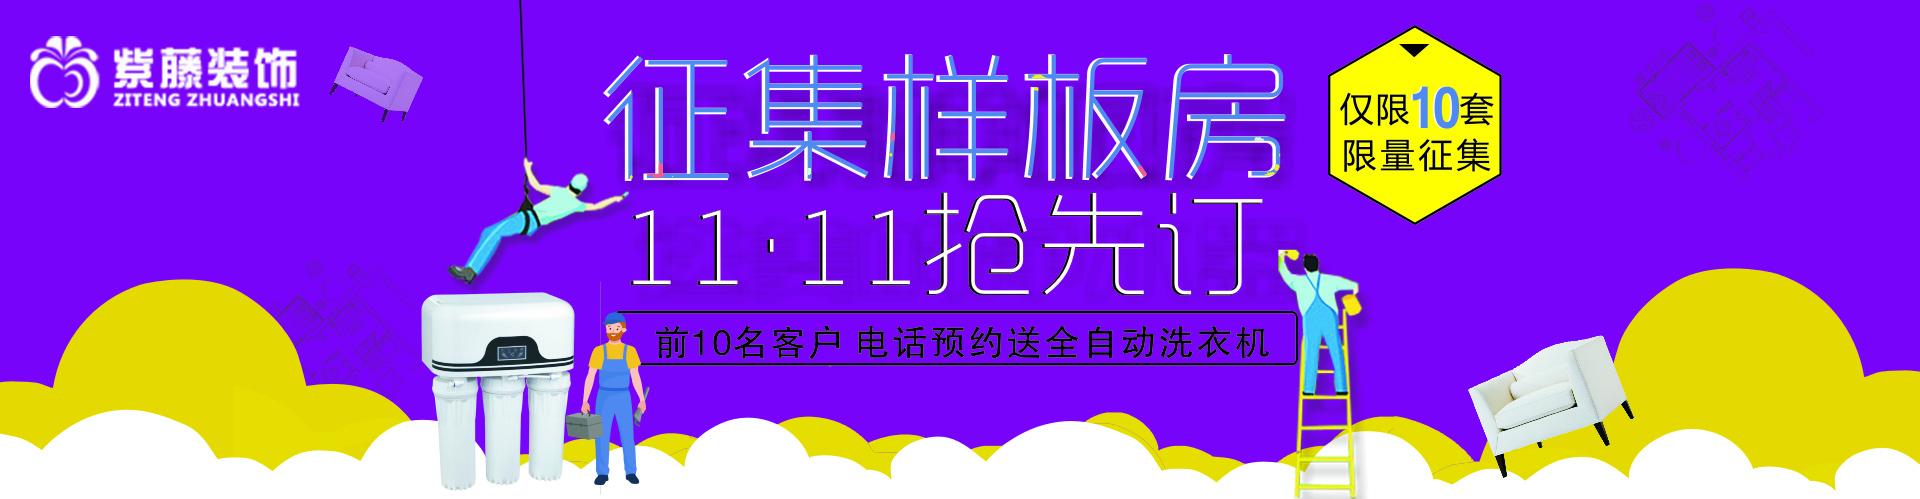 紫藤装饰双11整装钜惠风暴来袭